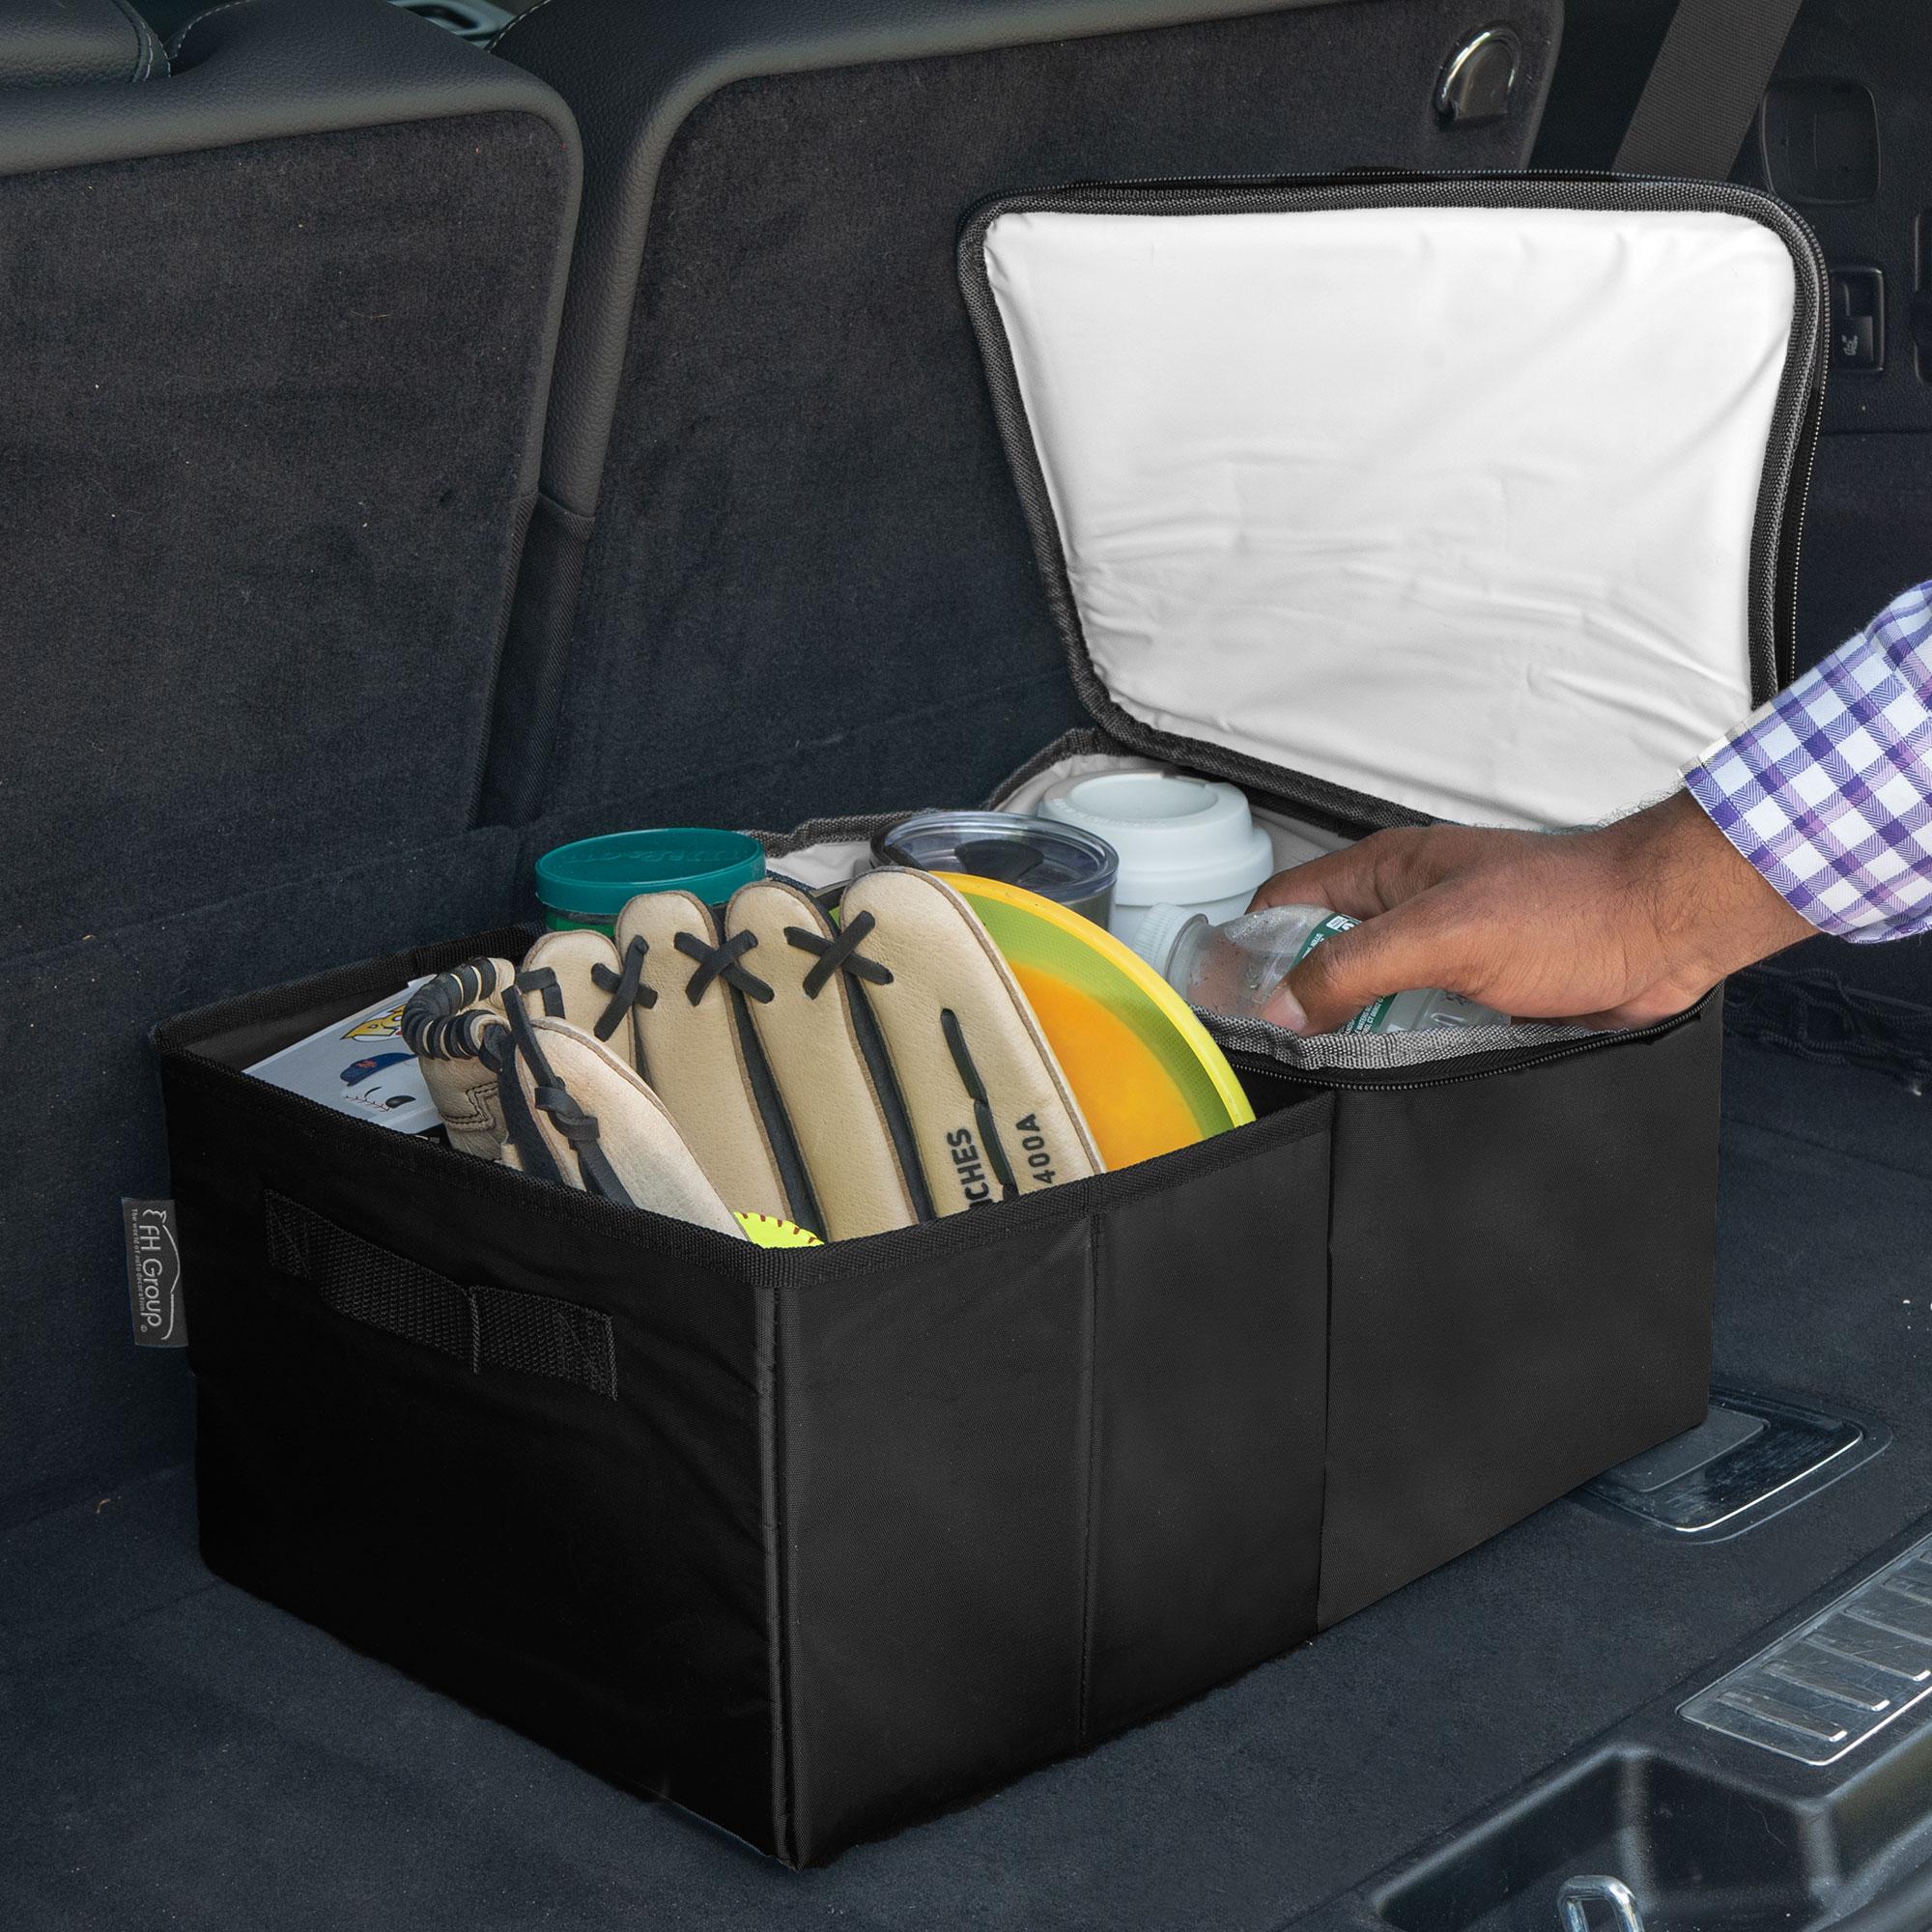 fh1139 trunk organizer